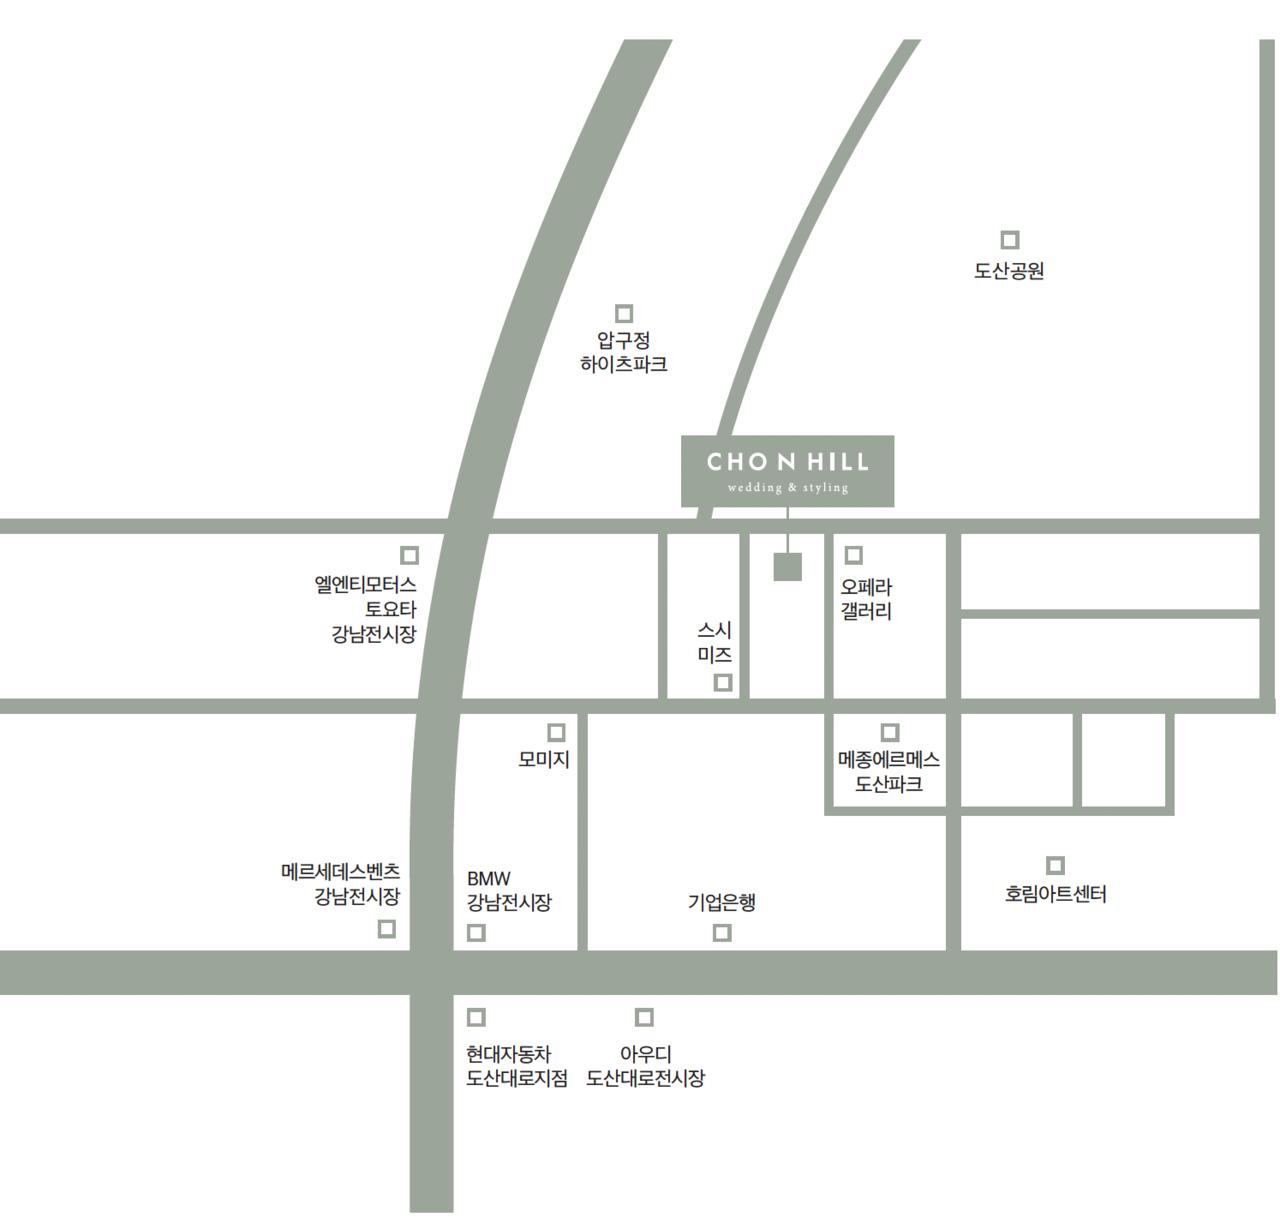 서울시 강남구 언주로154길 16, 2층  (이미지를 클릭하시면 네이버 지도를 보실 수 있습니다.)